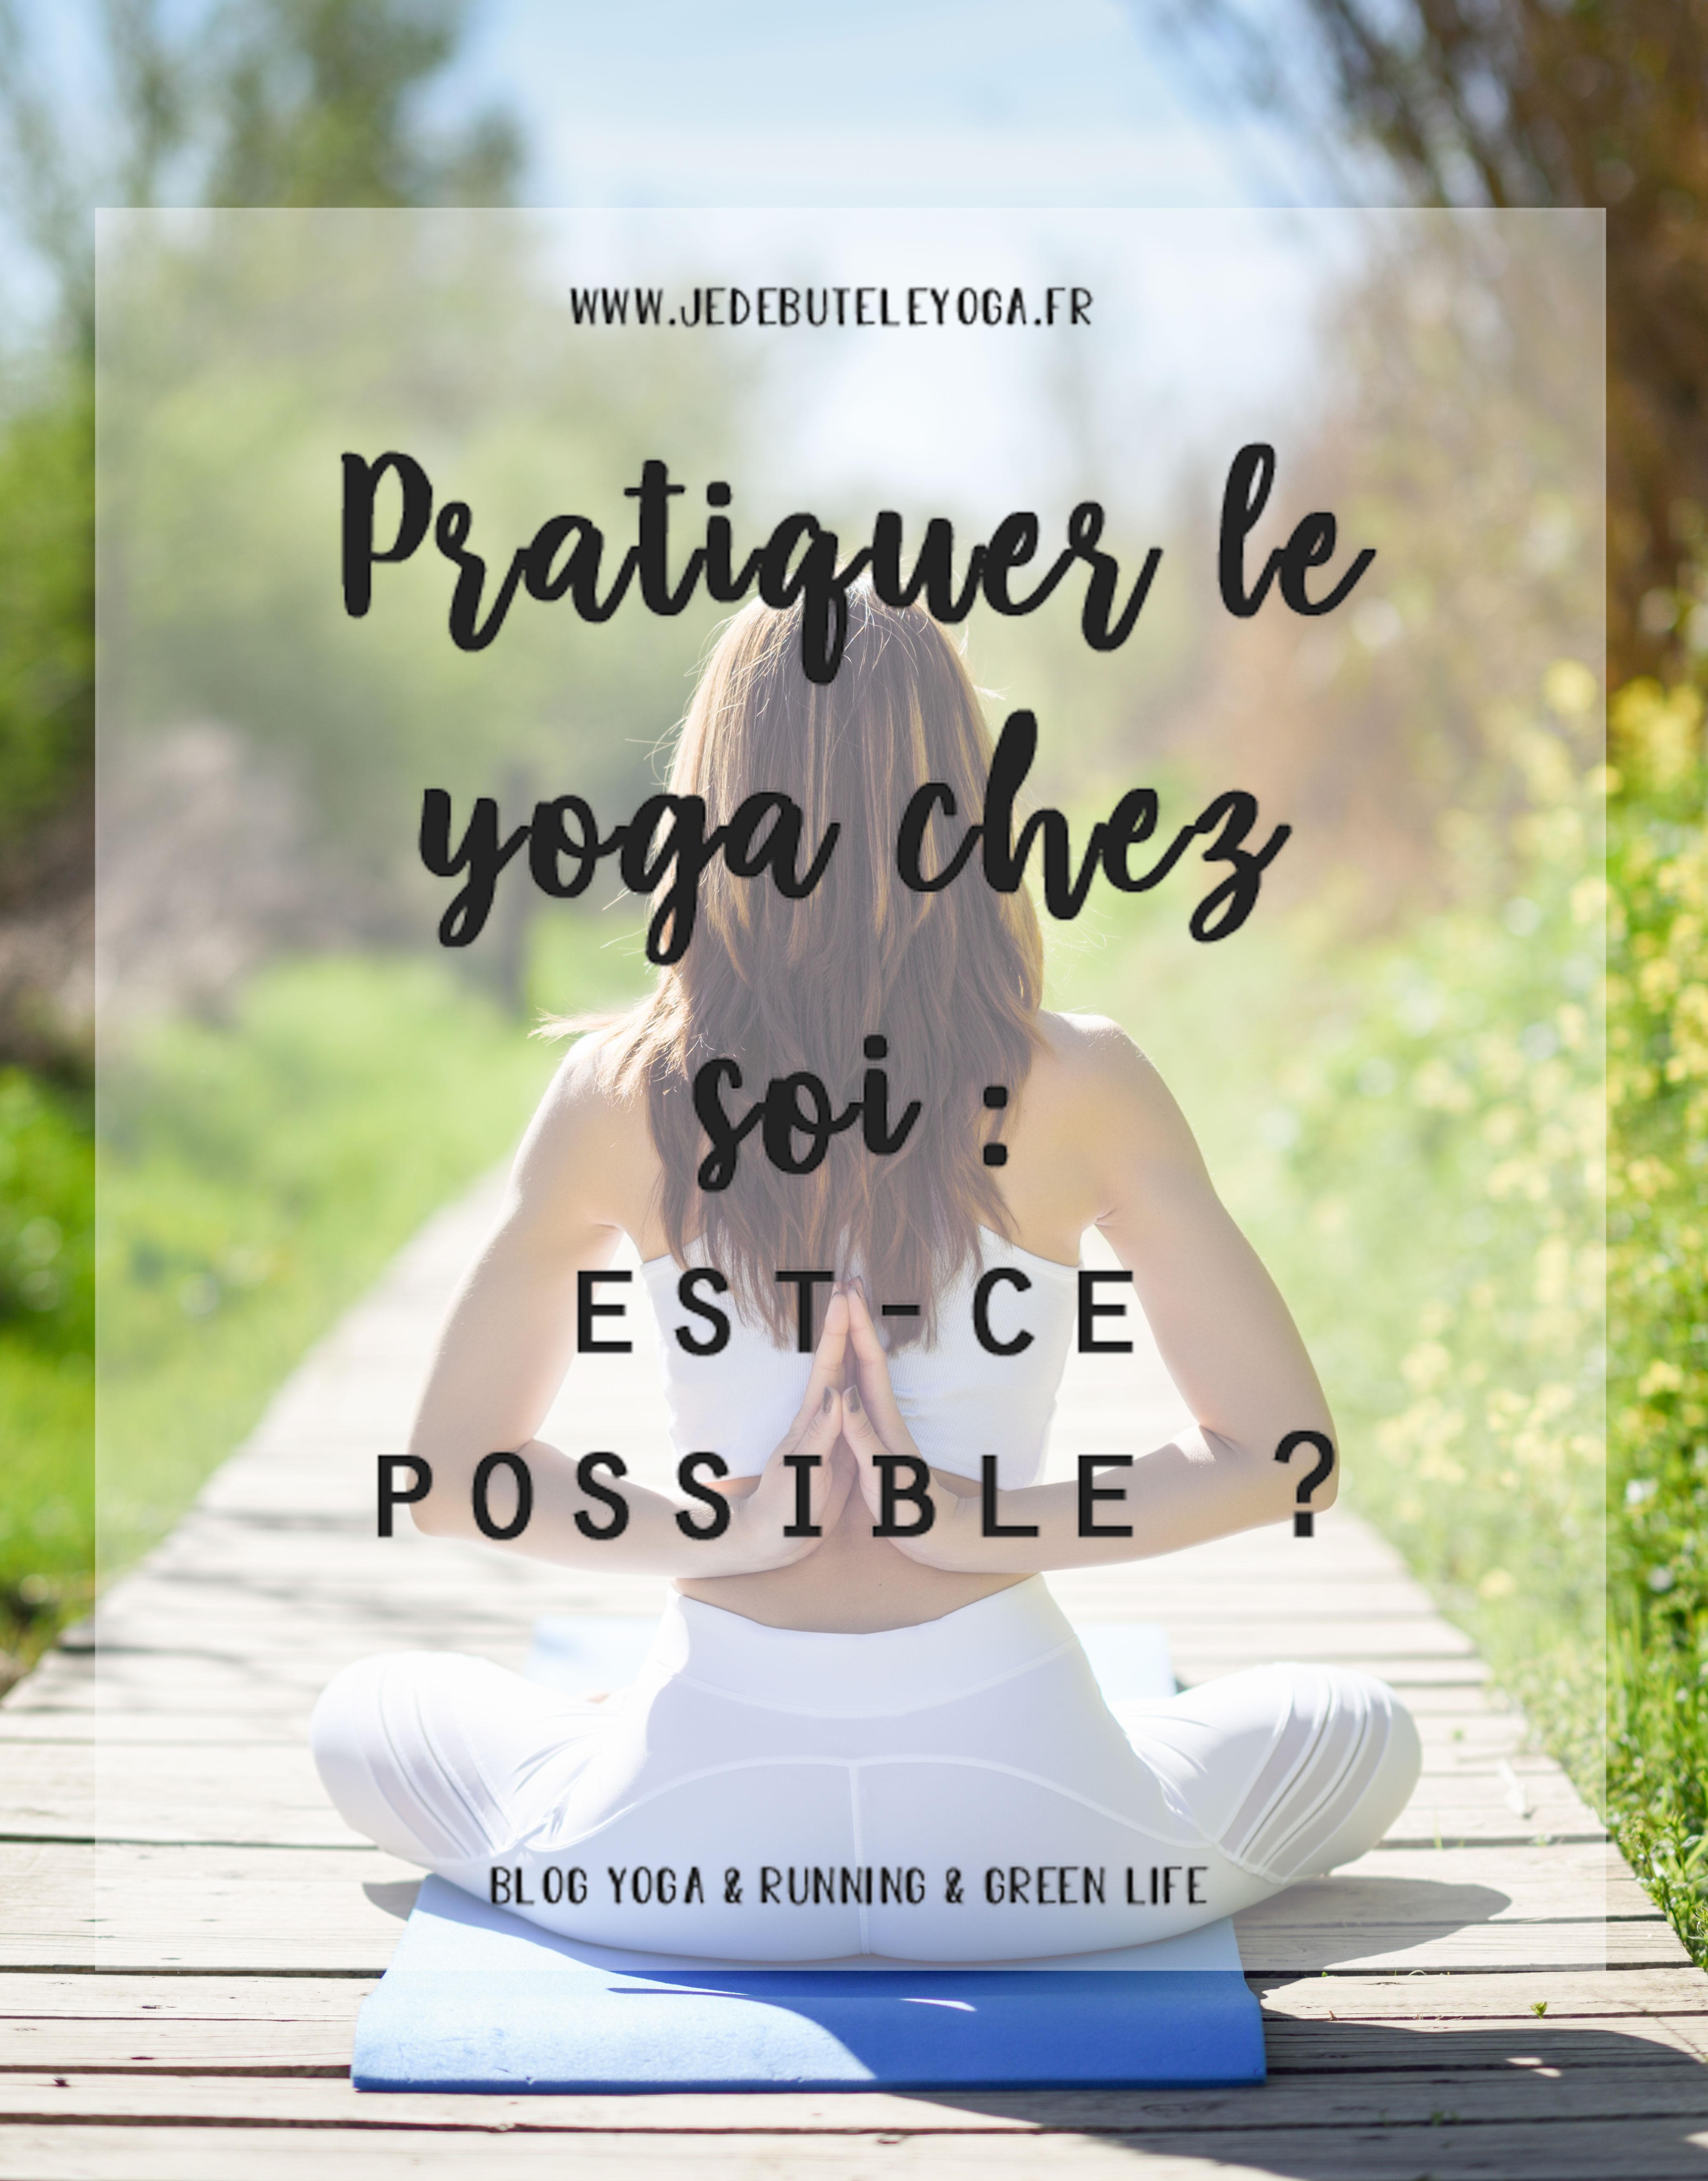 Pratiquer le yoga chez soi, est-ce possible ?